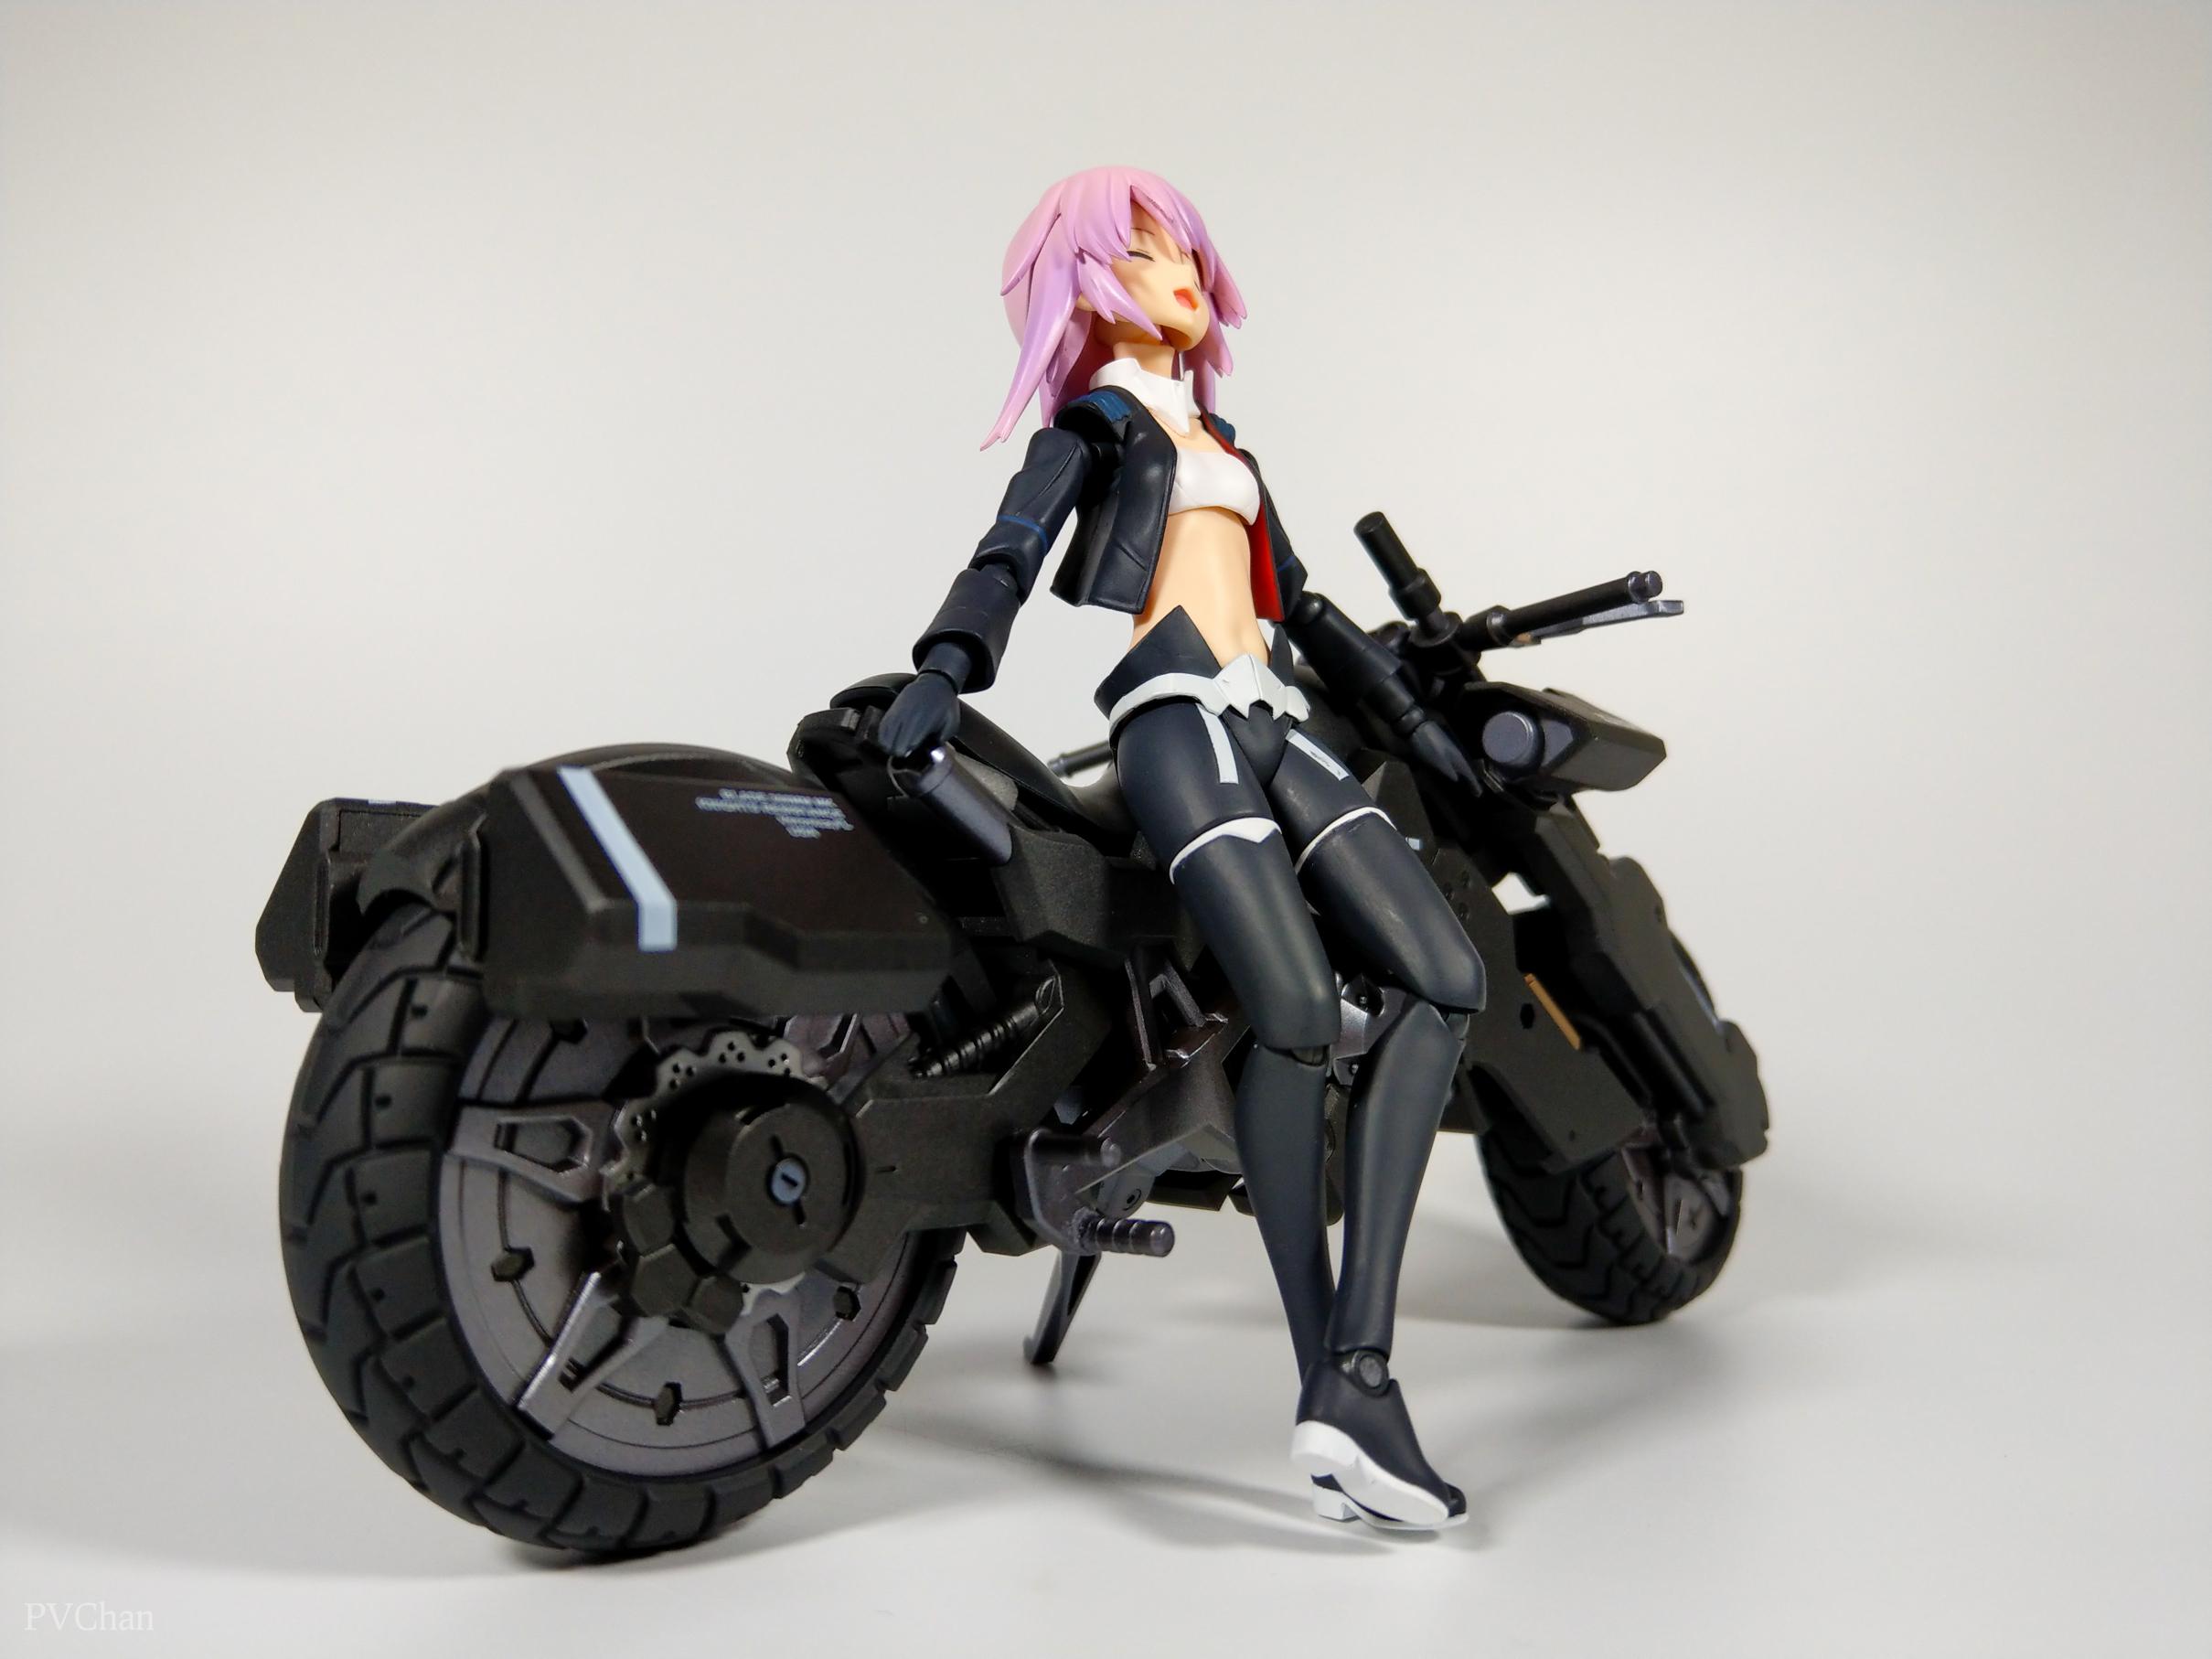 Необычное пополнение коллекции - байк из серии ex:ride от Max Factory. - Изображение 27